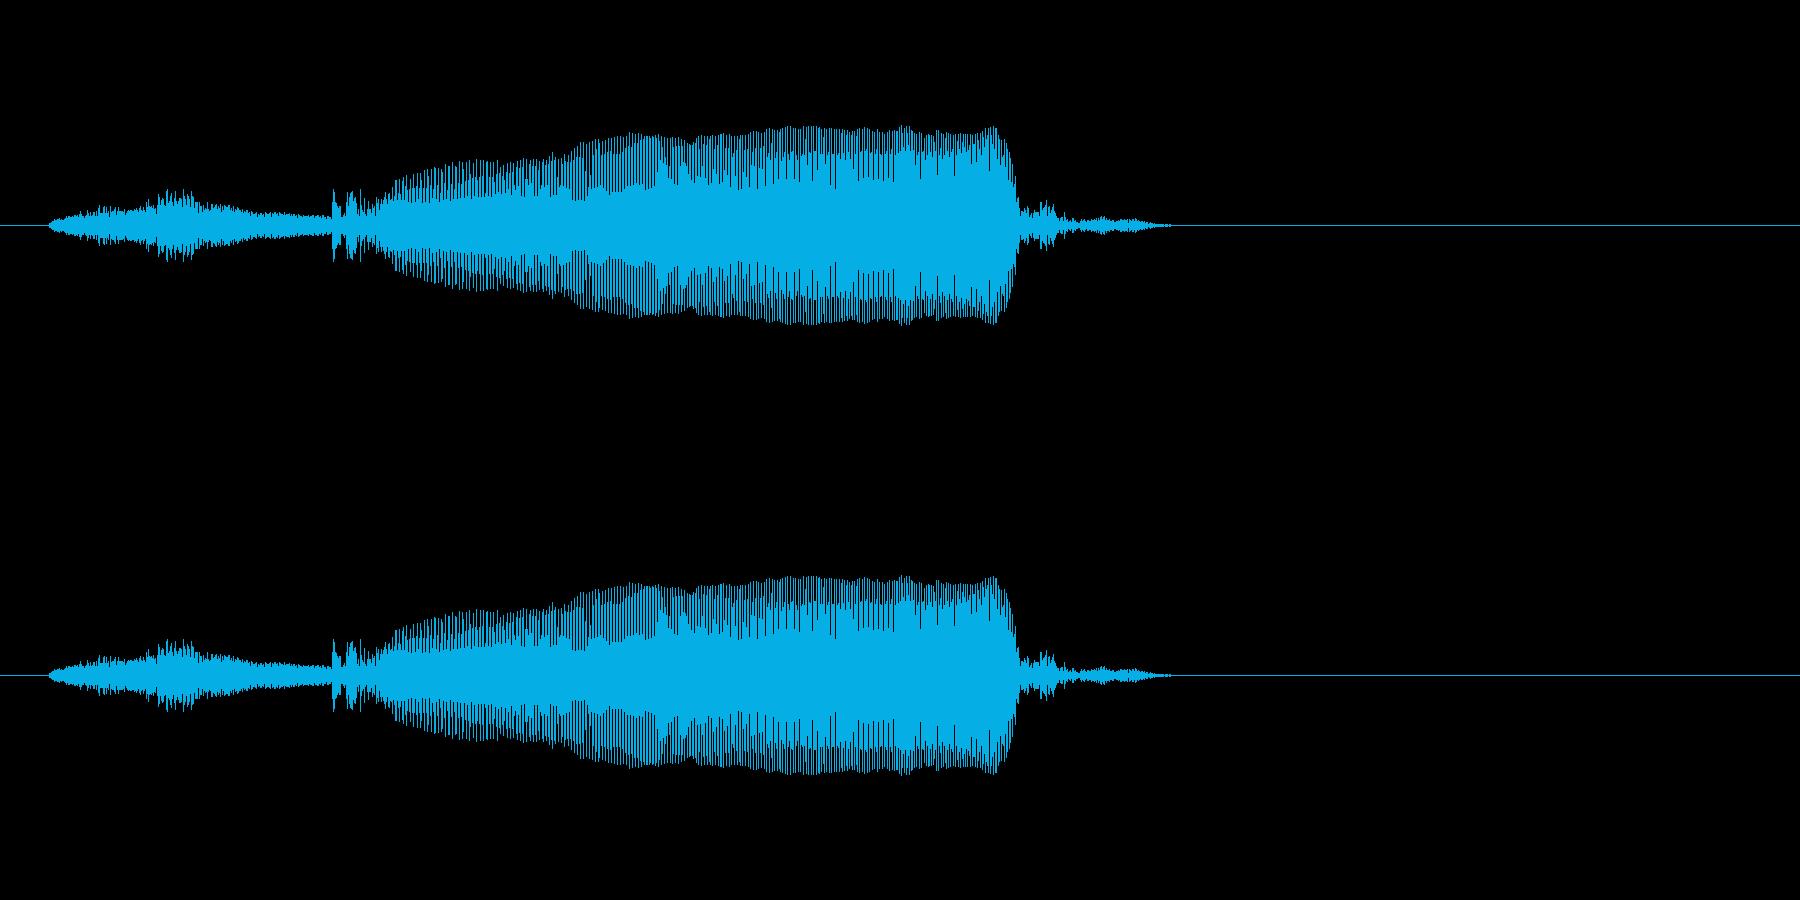 「すごー!」子供の声の再生済みの波形